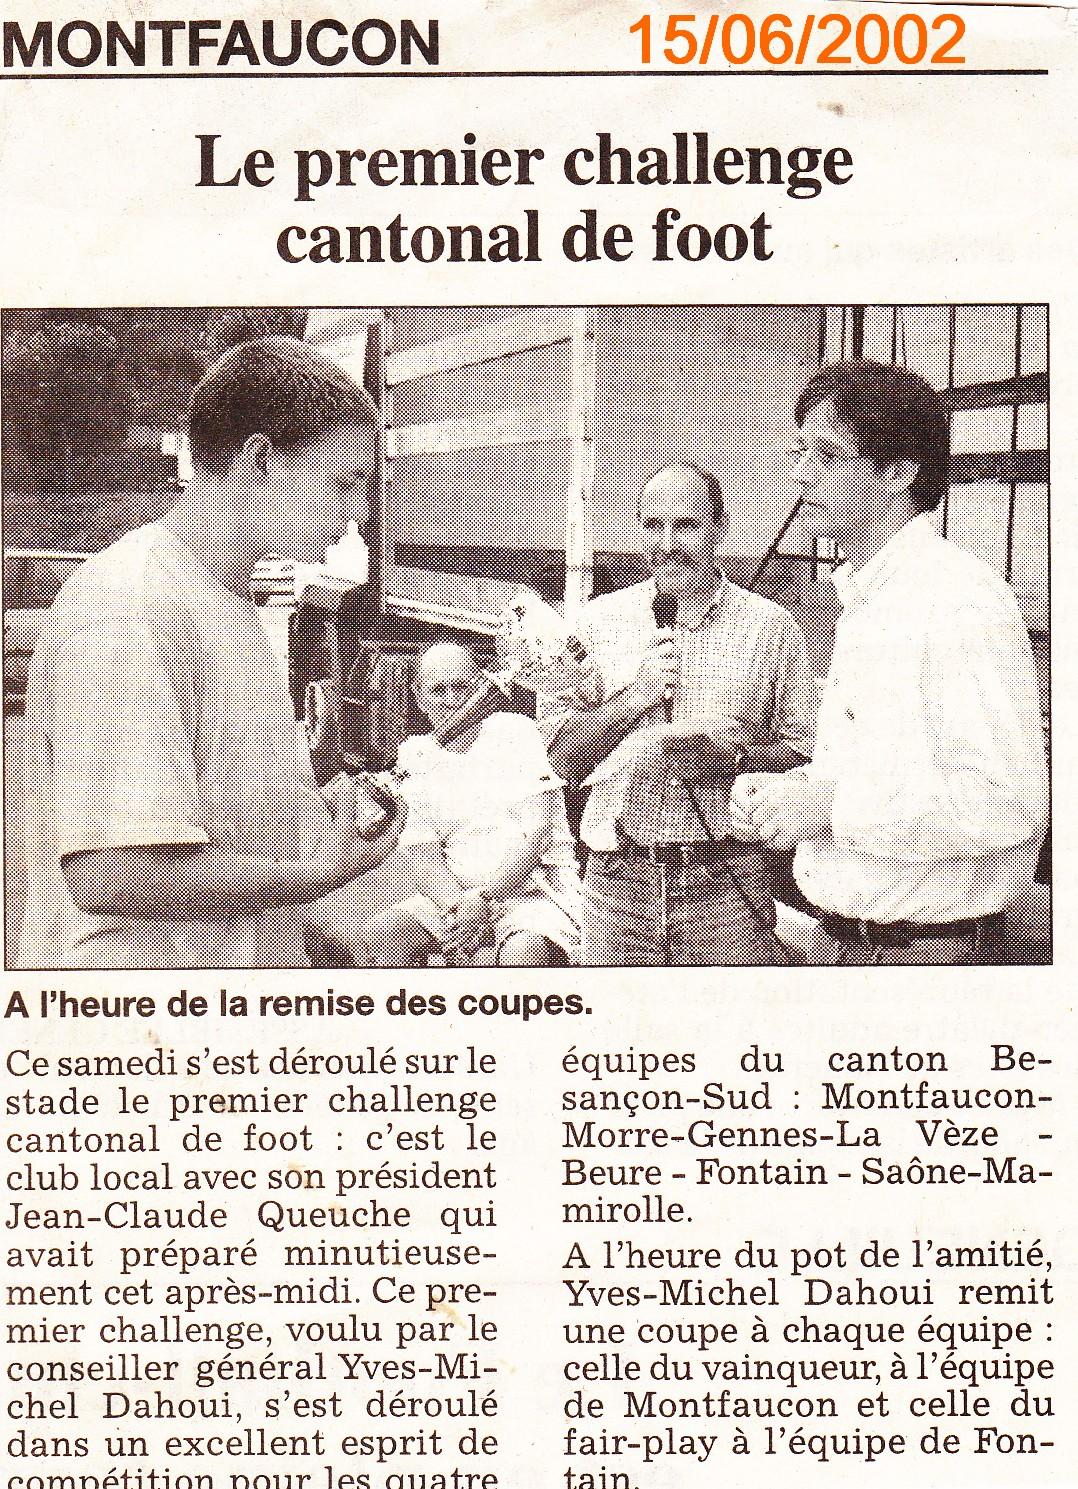 EST du 17/06/2002